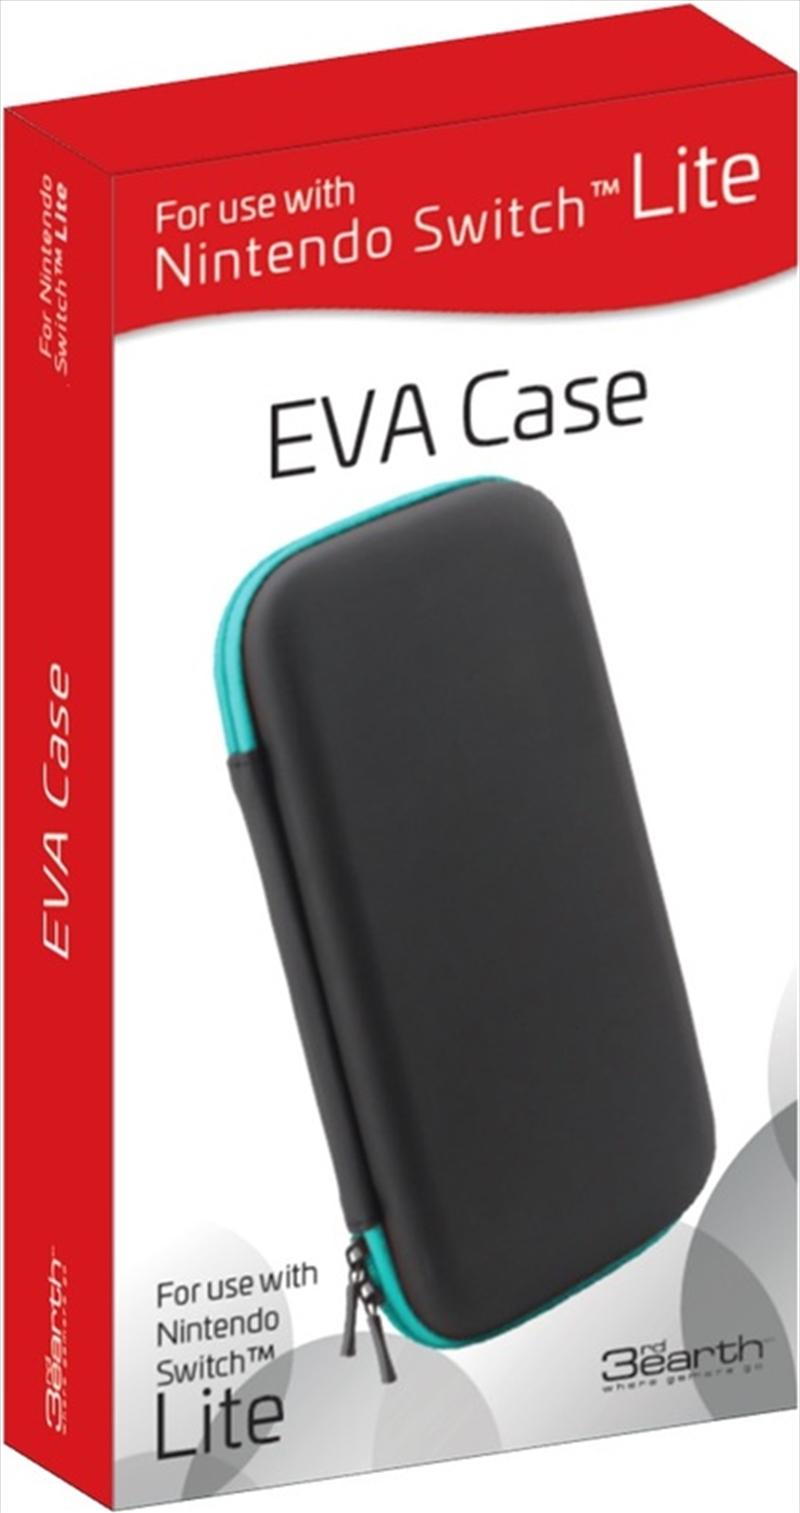 Eva Case Black/Turquoise Zip   Nintendo Switch